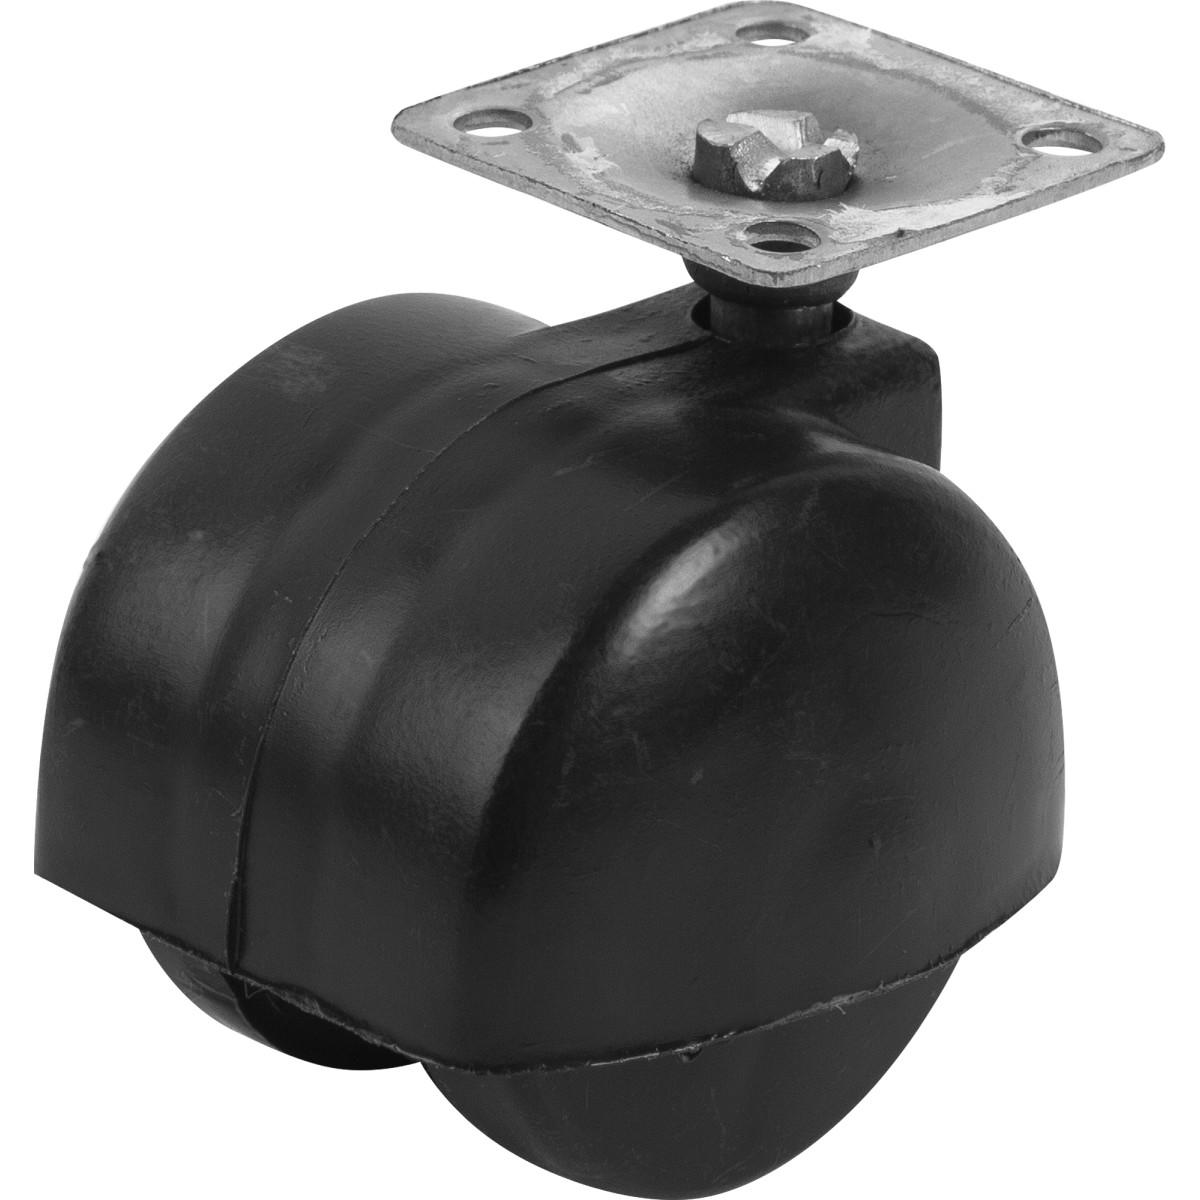 Колесо для мебели поворотное без тормоза 50 мм до 70 кг